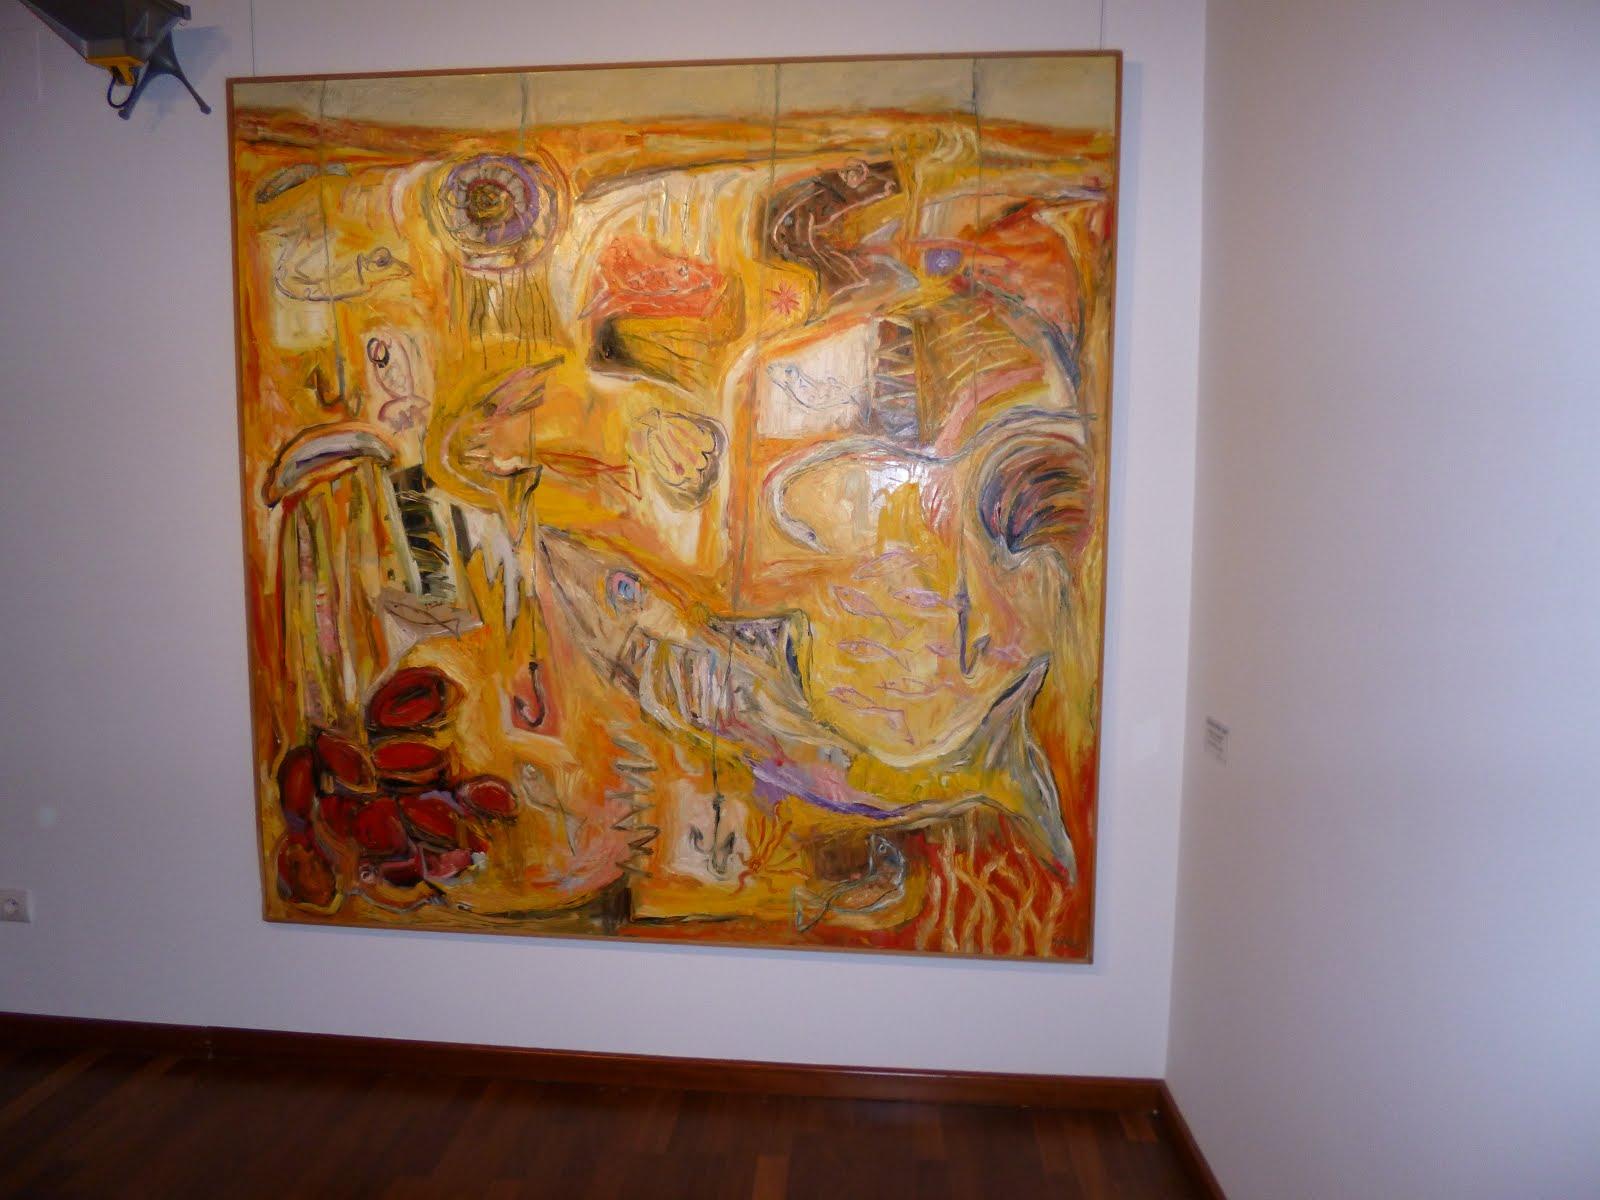 L'Espai d'Art Salvador Soria